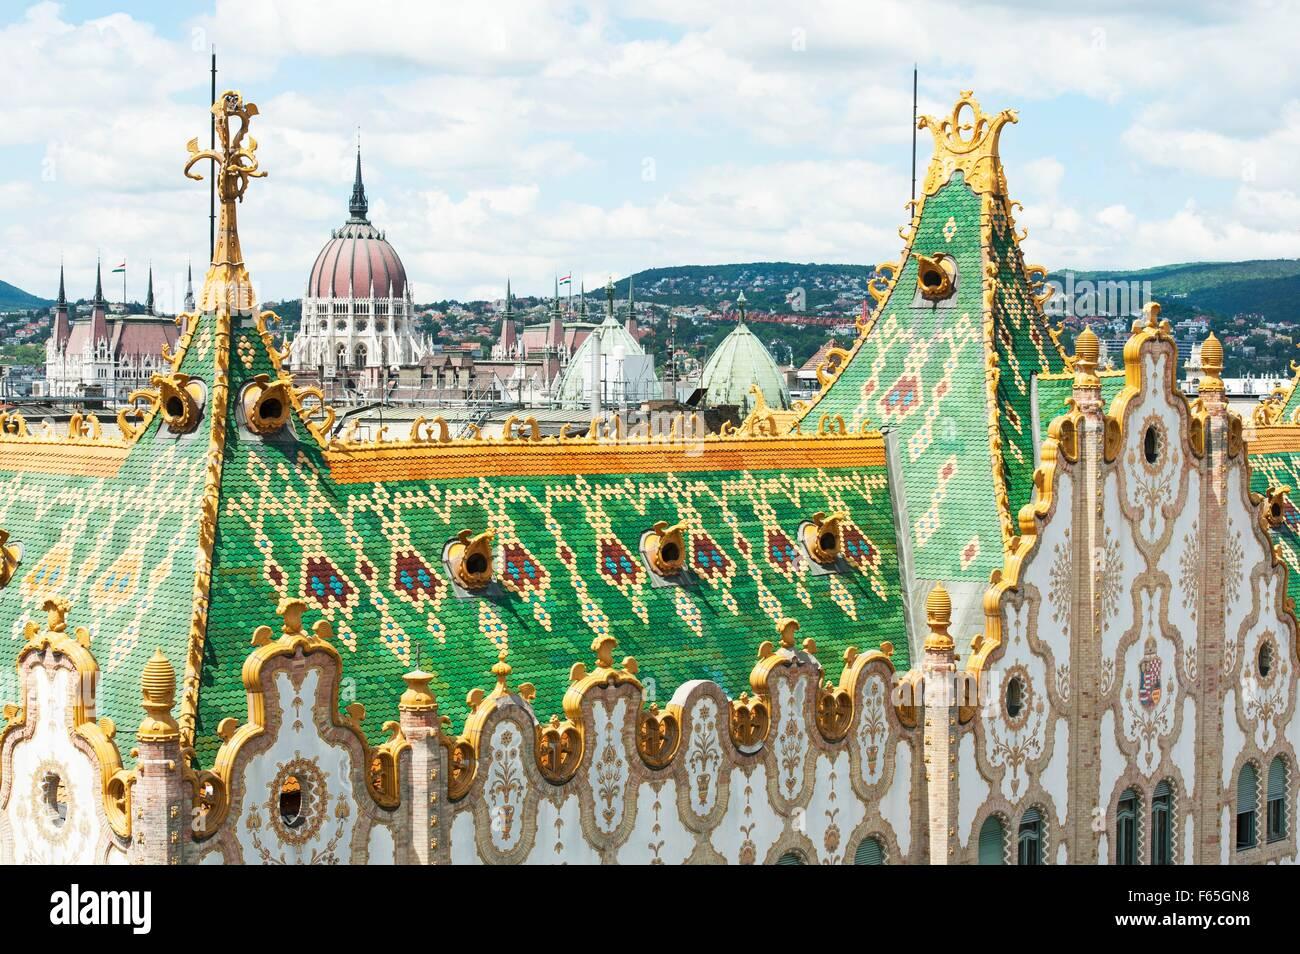 Art nouveau architecture by d n lechner the colourful - Art nouveau architecture de barcelone revisitee ...